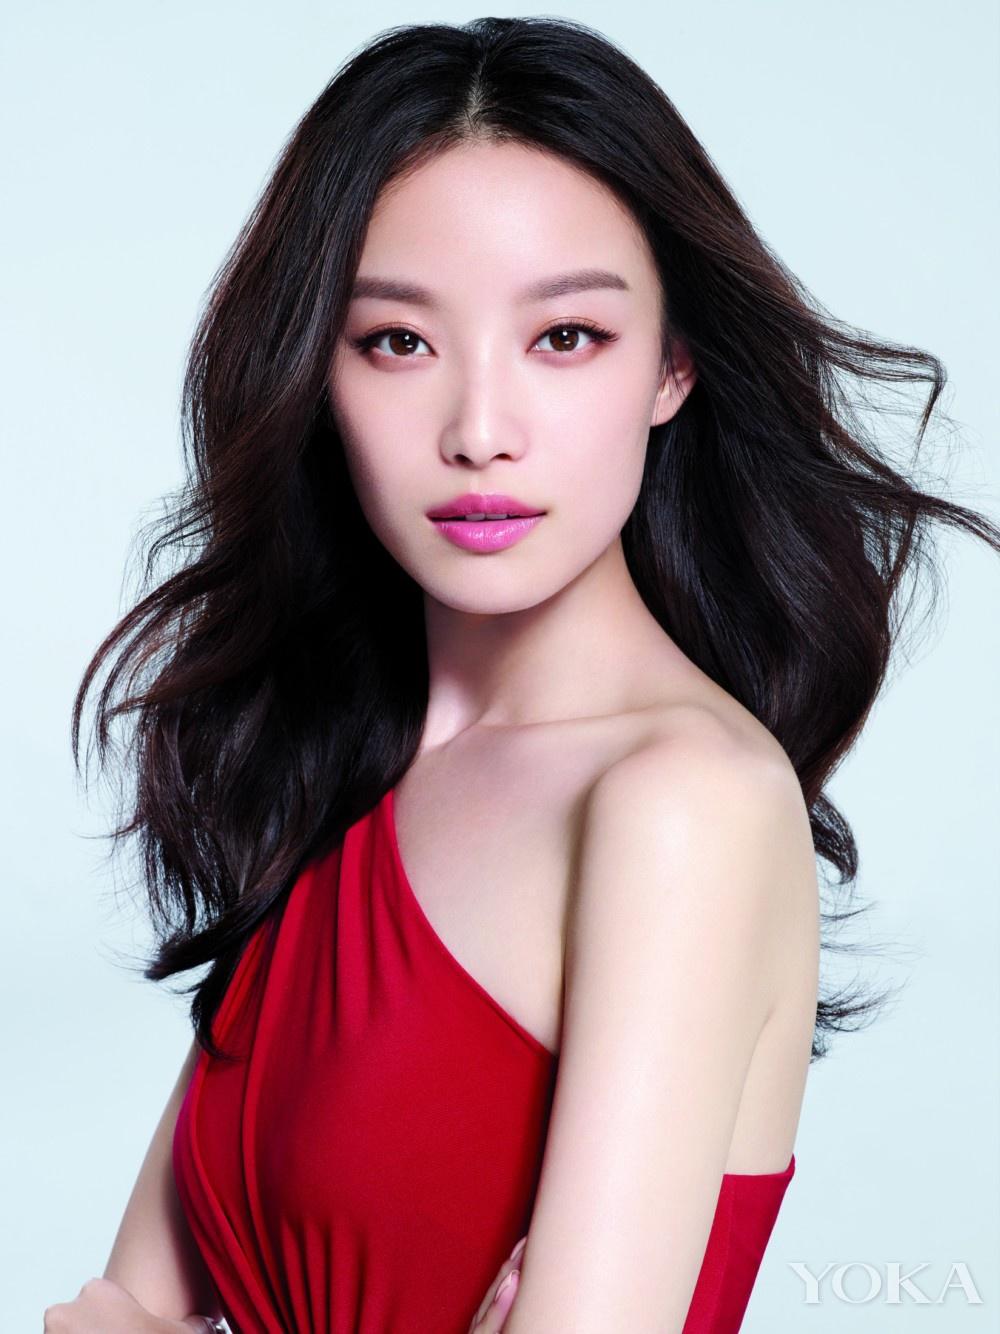 中国最性感的女明星_中国性感女星排行榜第一名性感程度爆表男星都偷